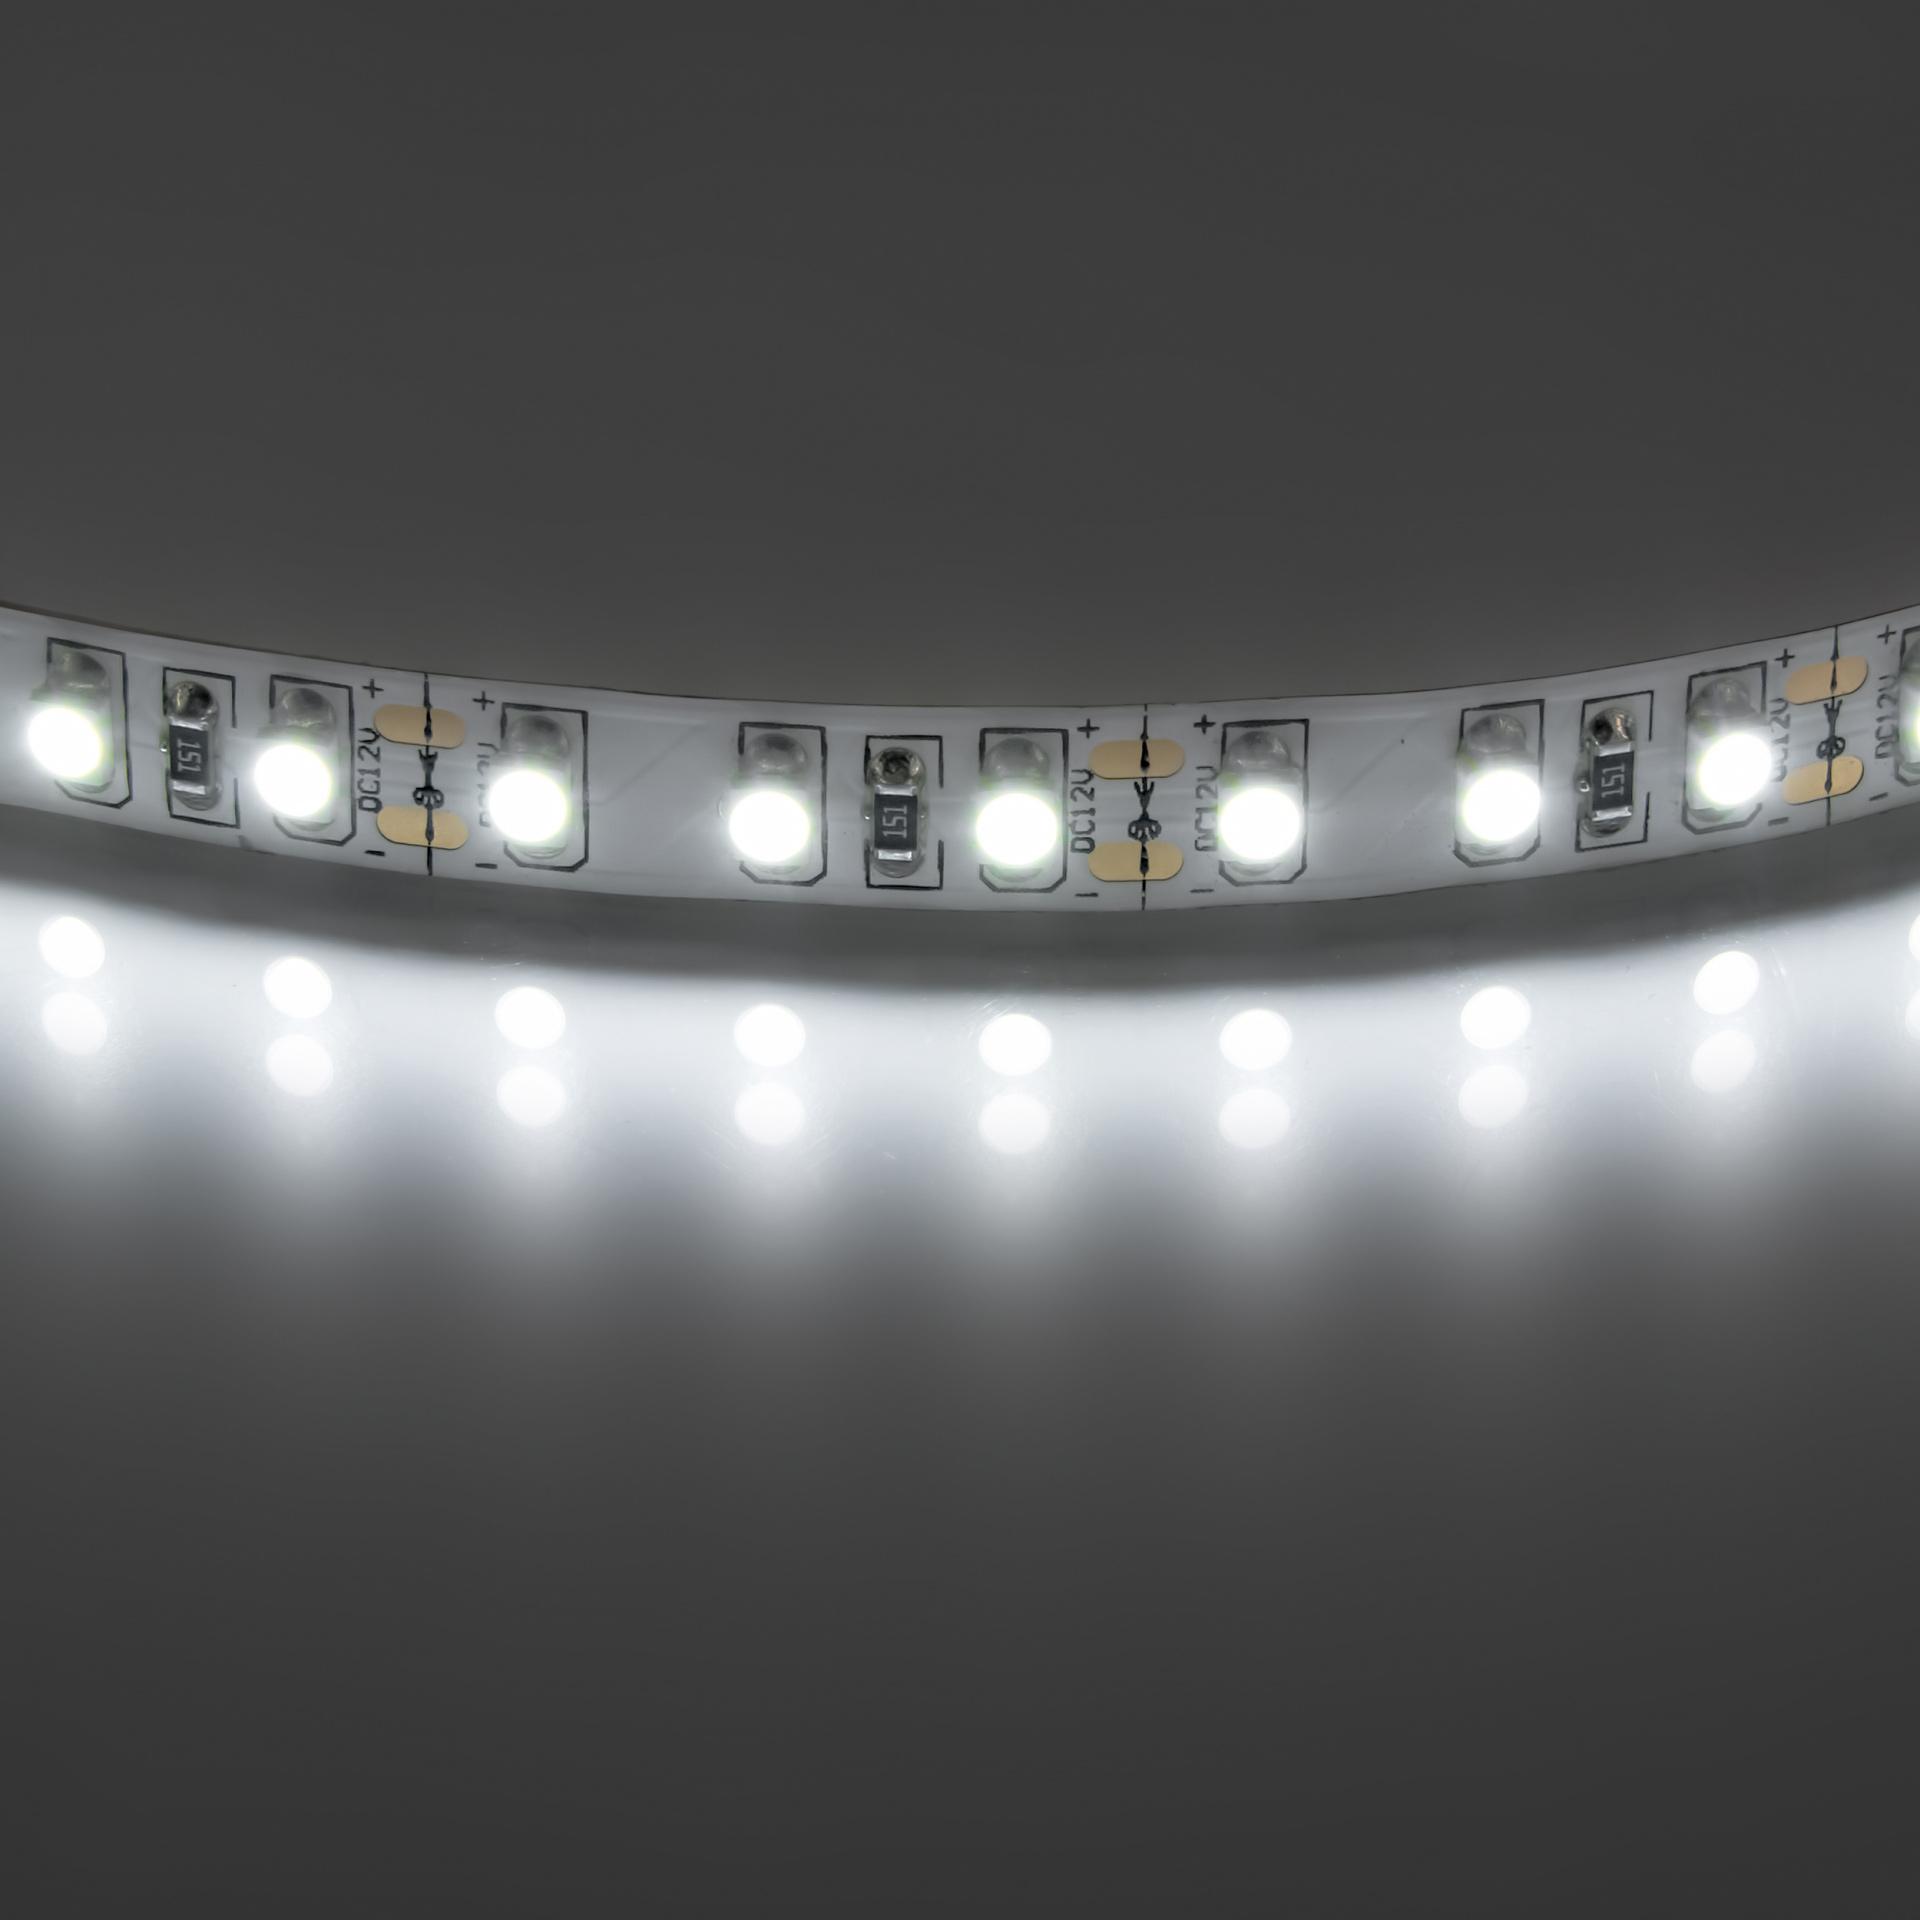 Лента 3528 LED 12V 9.6W IP20 4200K-4500K 200m нейтральный белый свет Lightstar 400014, купить в СПб, Москве, с доставкой, Санкт-Петербург, интернет-магазин люстр и светильников Starlight, фото в жизни